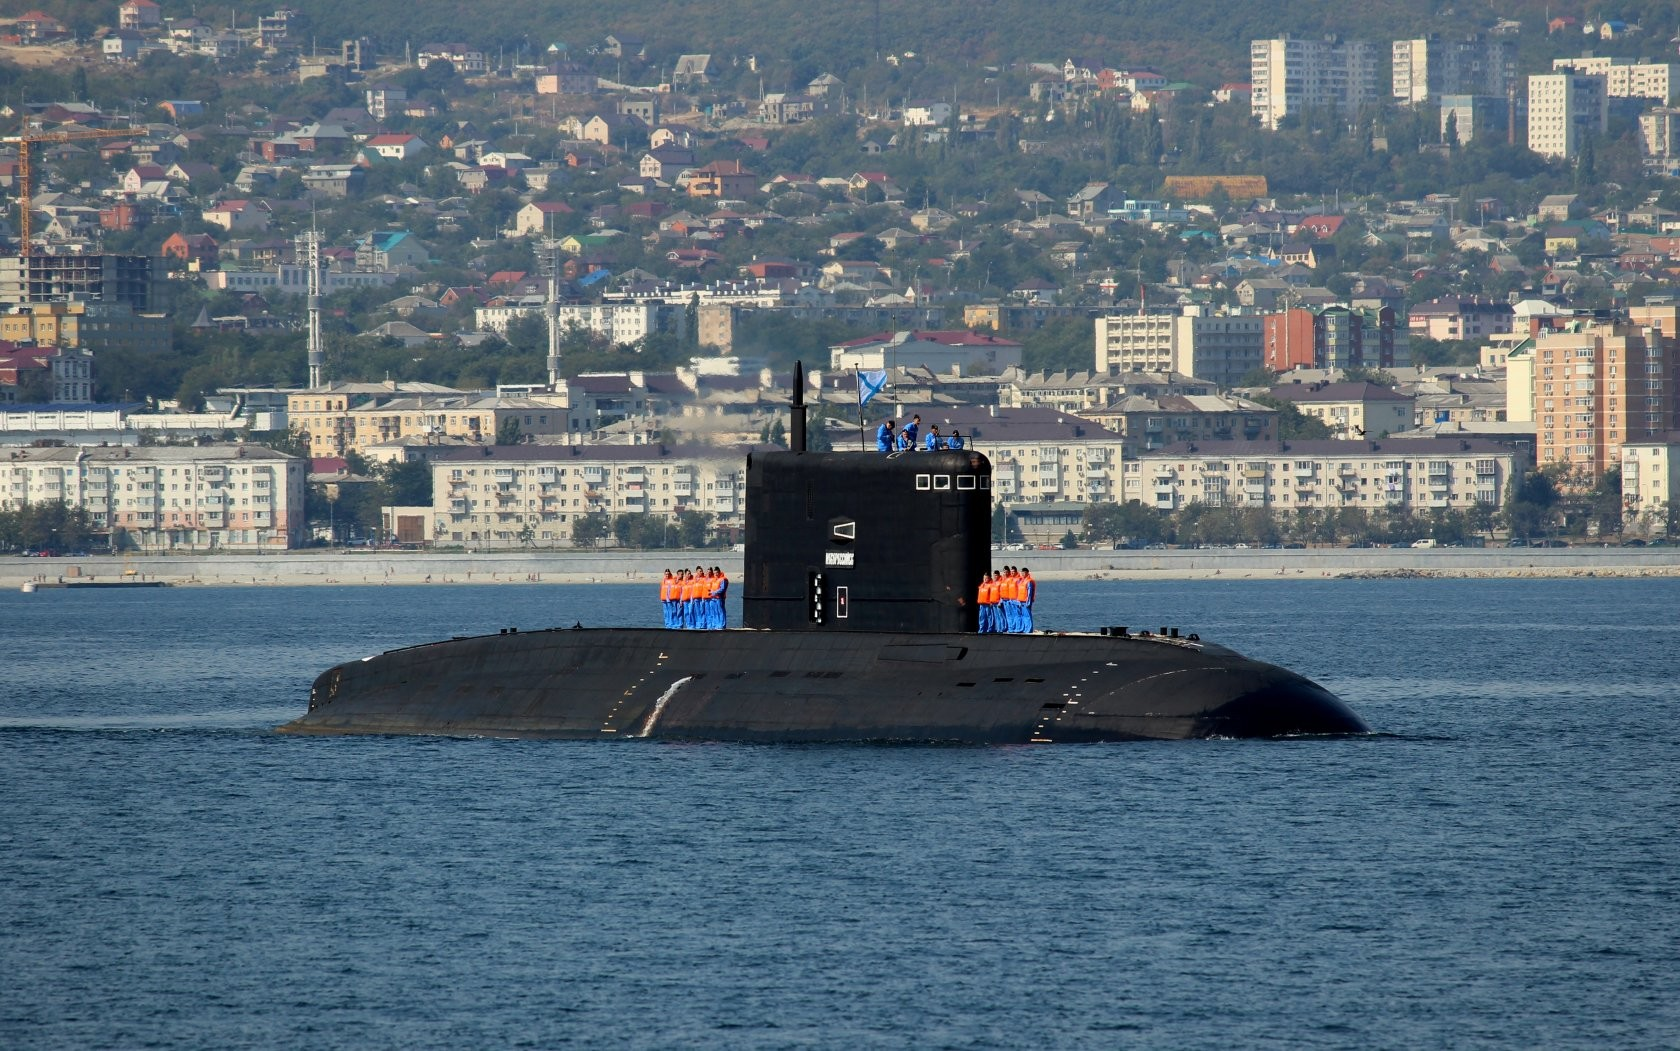 Ниже уровня моря: 240 лет назад подводную лодку впервые применили в боевых условиях